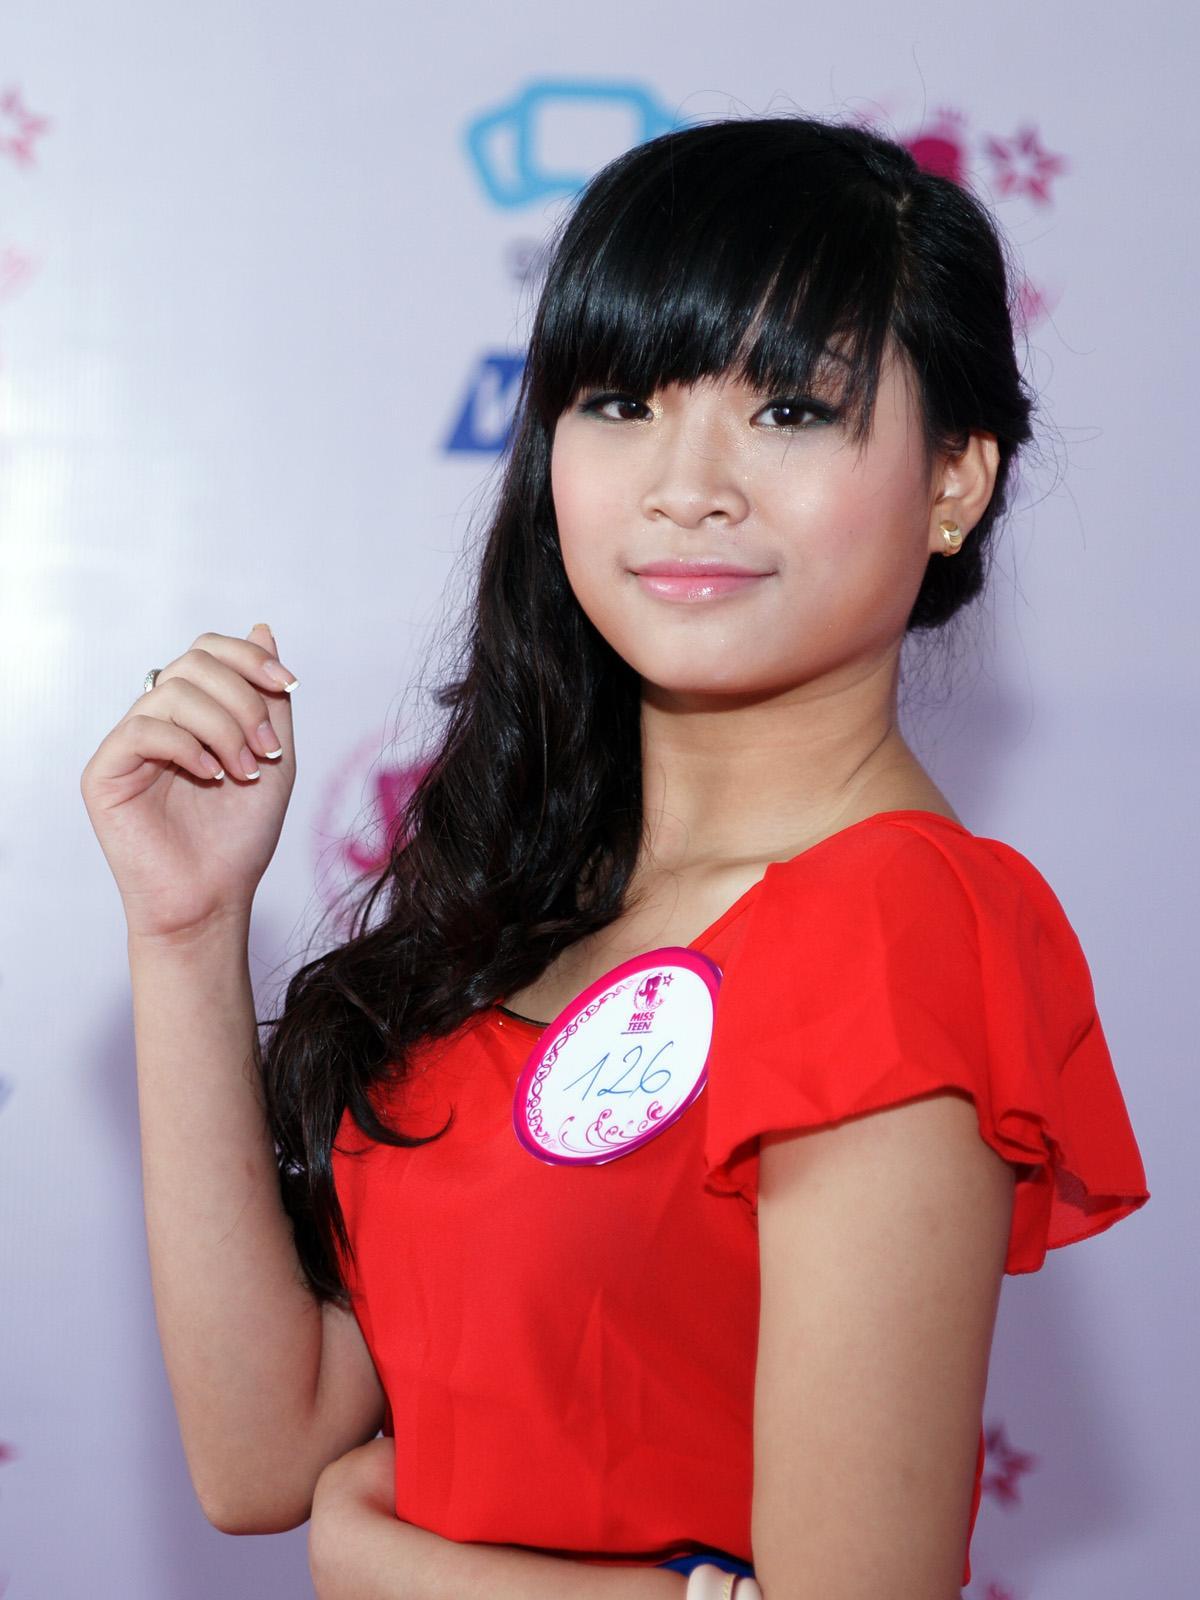 miss teen vietnam 2011 part 2 - Vietnamese girls